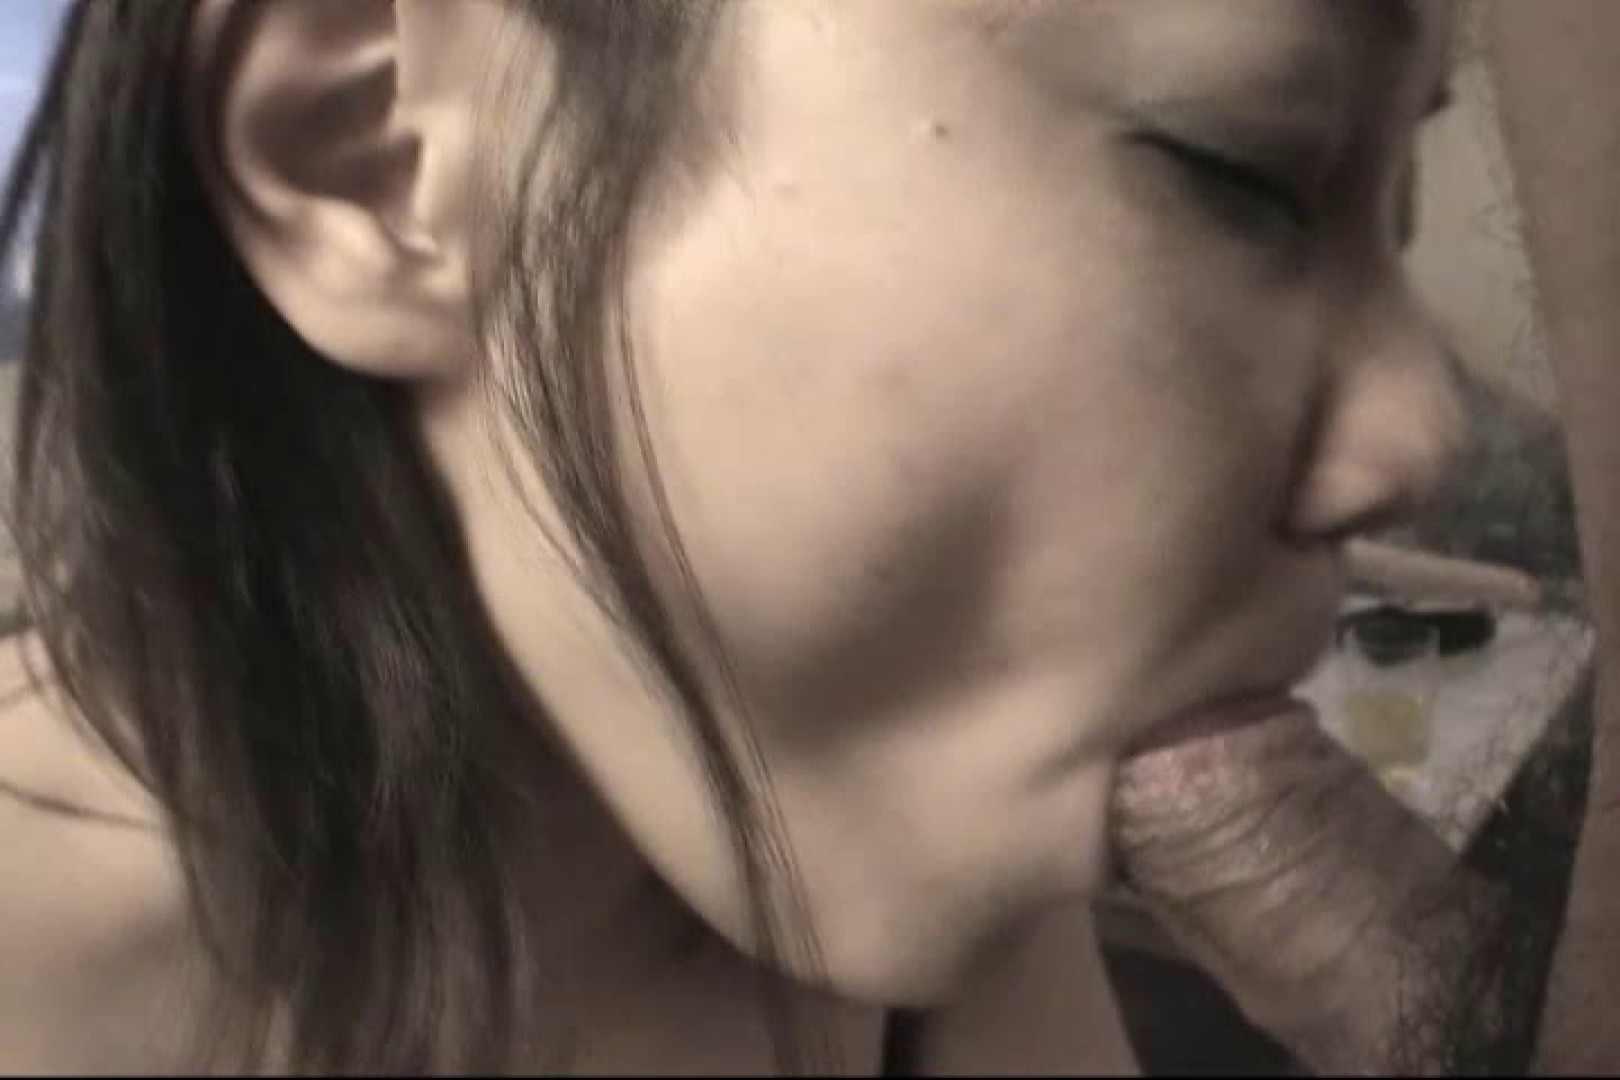 エロフェロモン全開の彼女に中出しSEX~青山ちか~ 中出し 濡れ場動画紹介 48pic 32